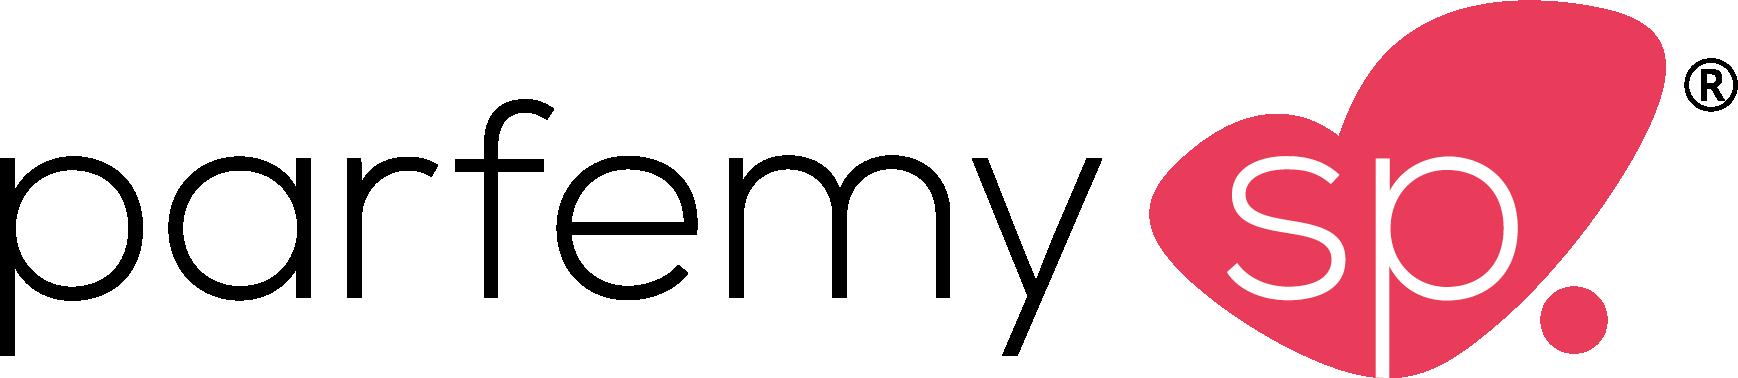 www.parfemy-sp.cz